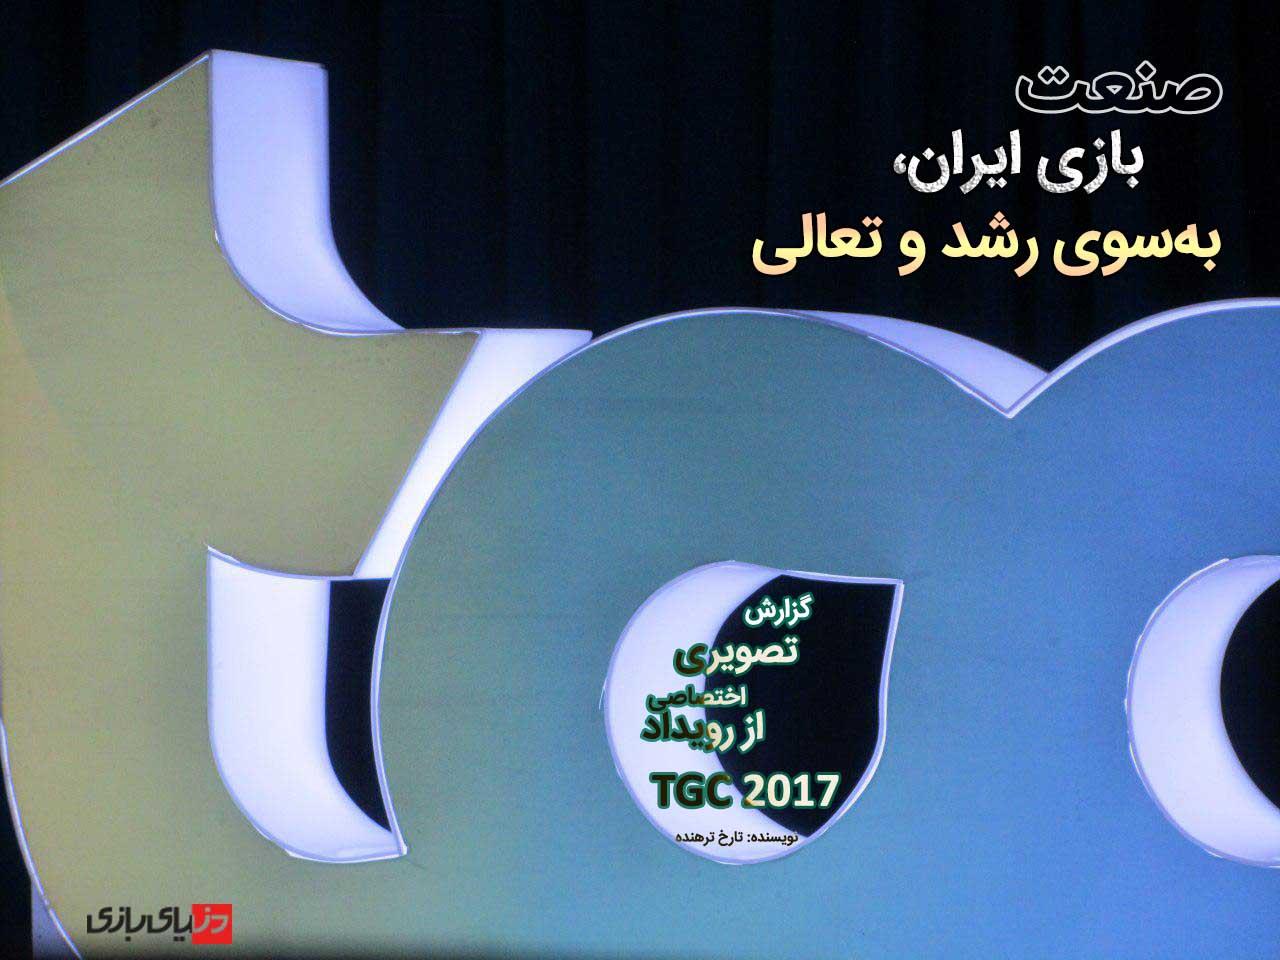 گزارش تصویری اختصاصی از رویداد TGC 2017